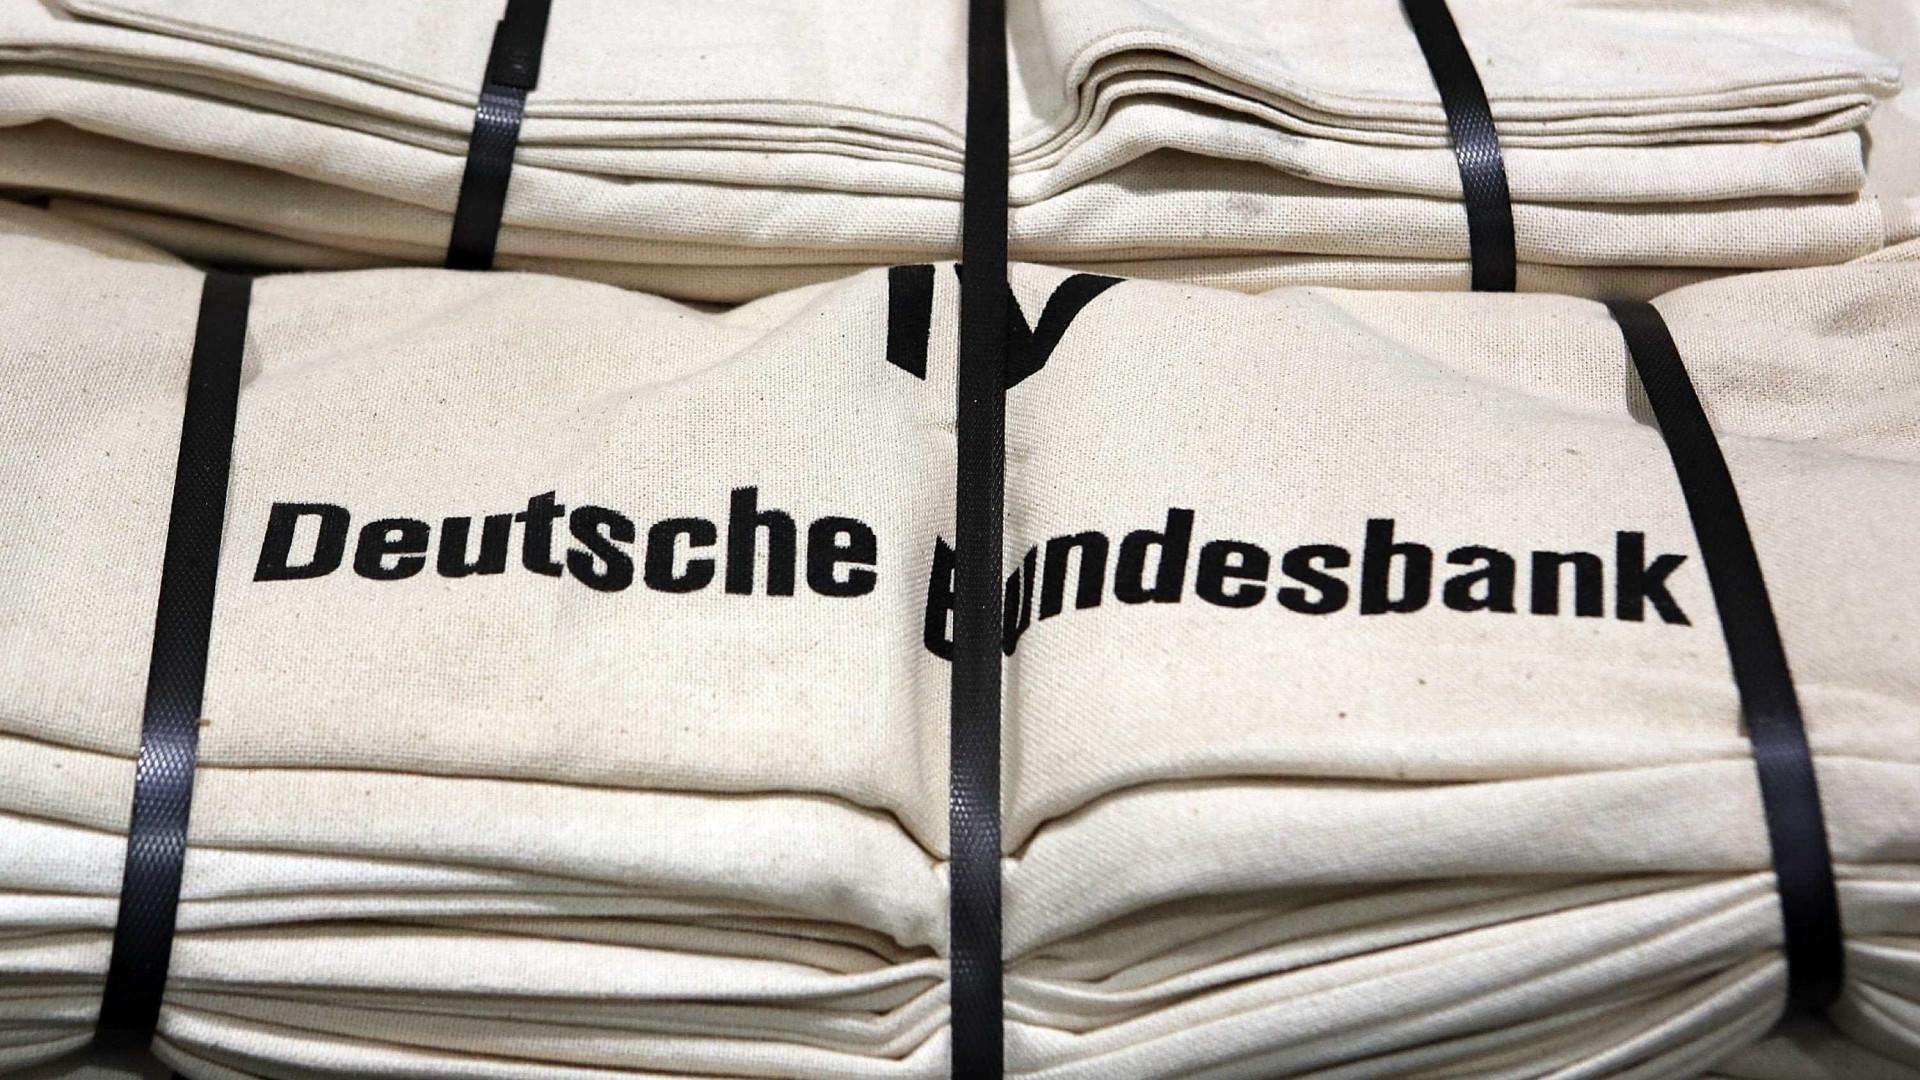 Economia alemã cresceu moderadamente no trimestre de inverno